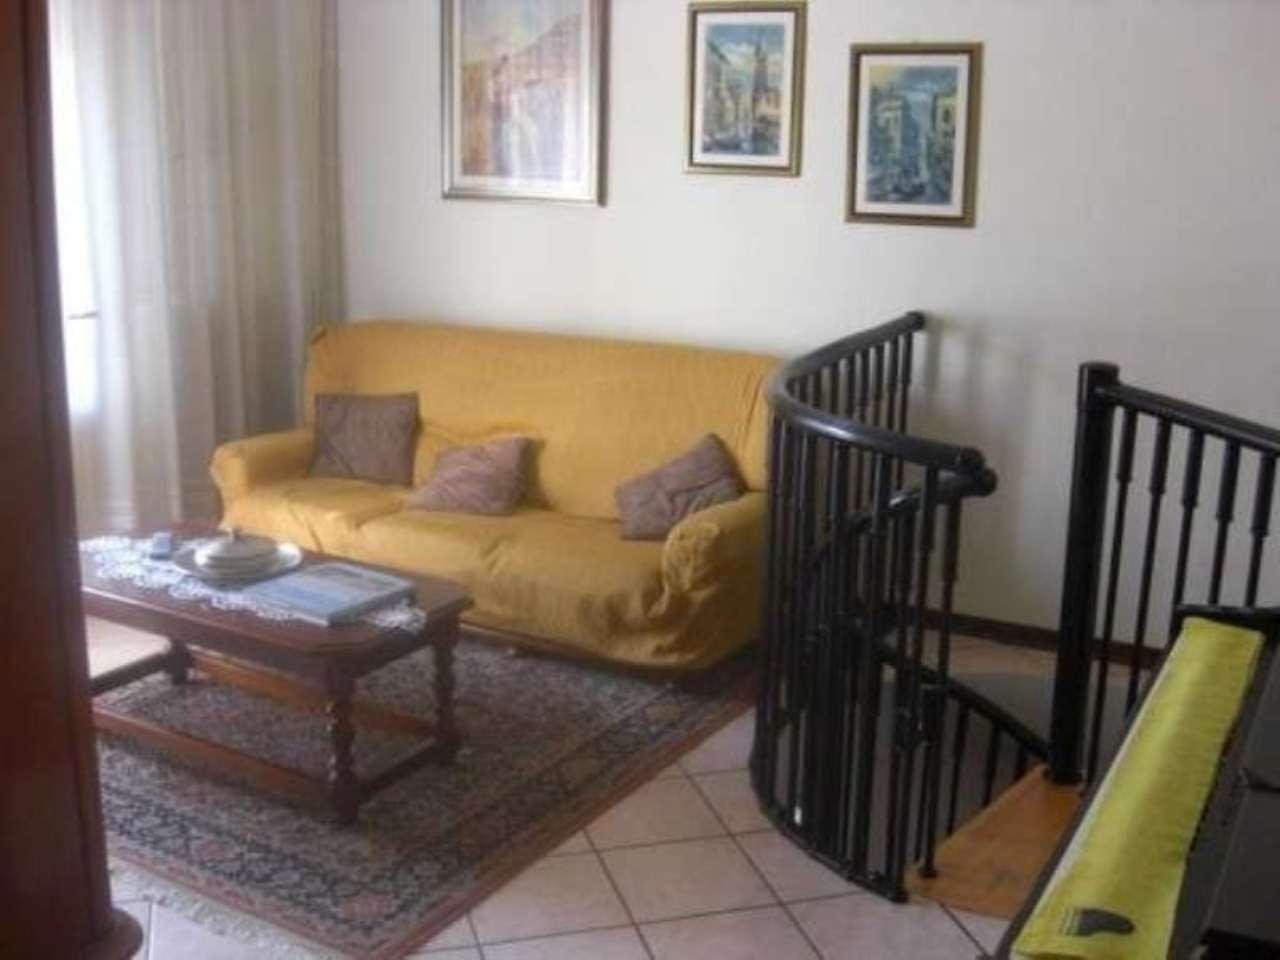 Soluzione Indipendente in vendita a Dolo, 4 locali, prezzo € 250.000 | Cambio Casa.it